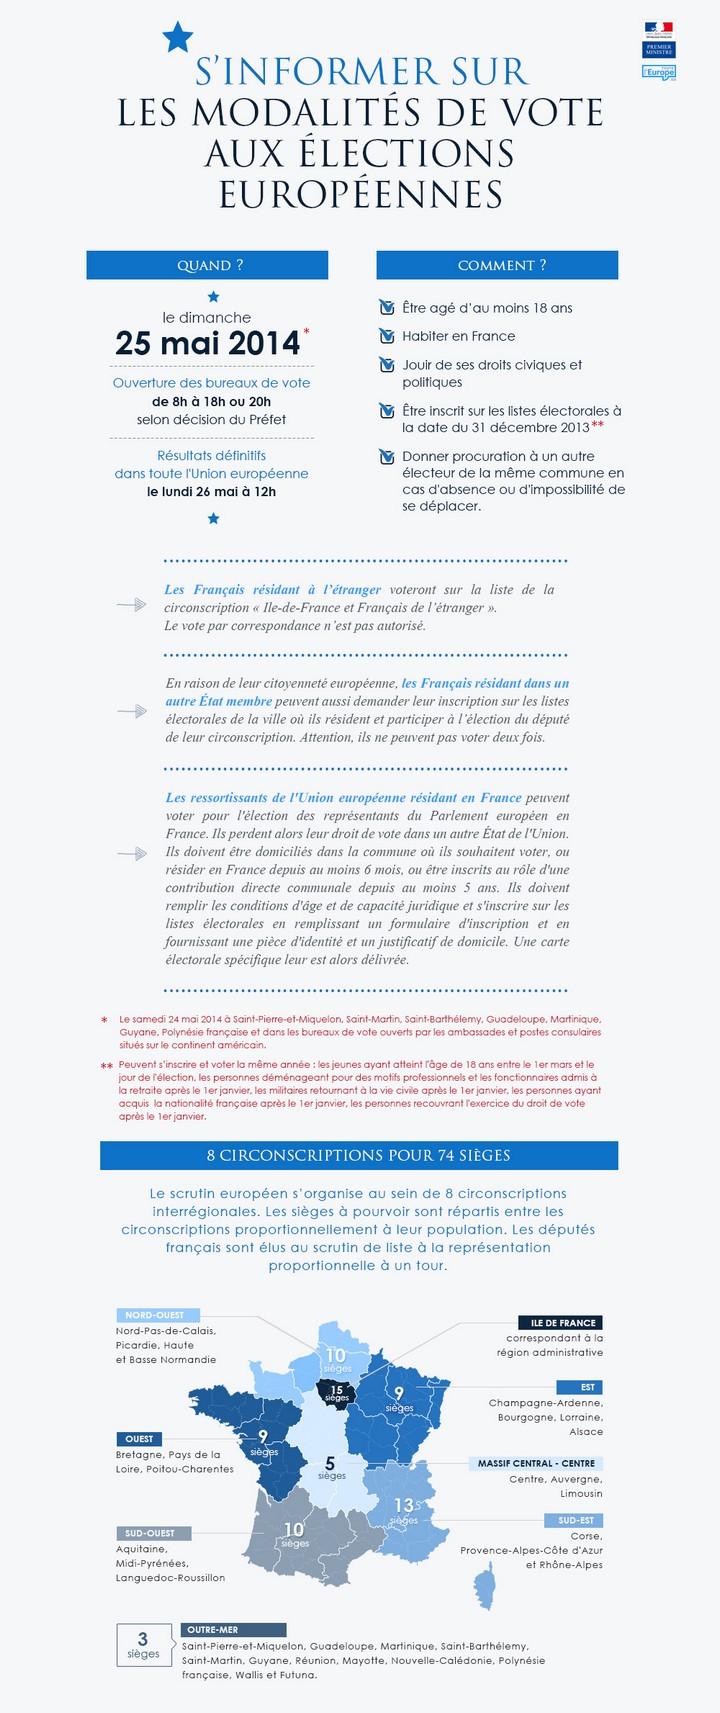 S'informer sur les modalités de vote aux élections européennes